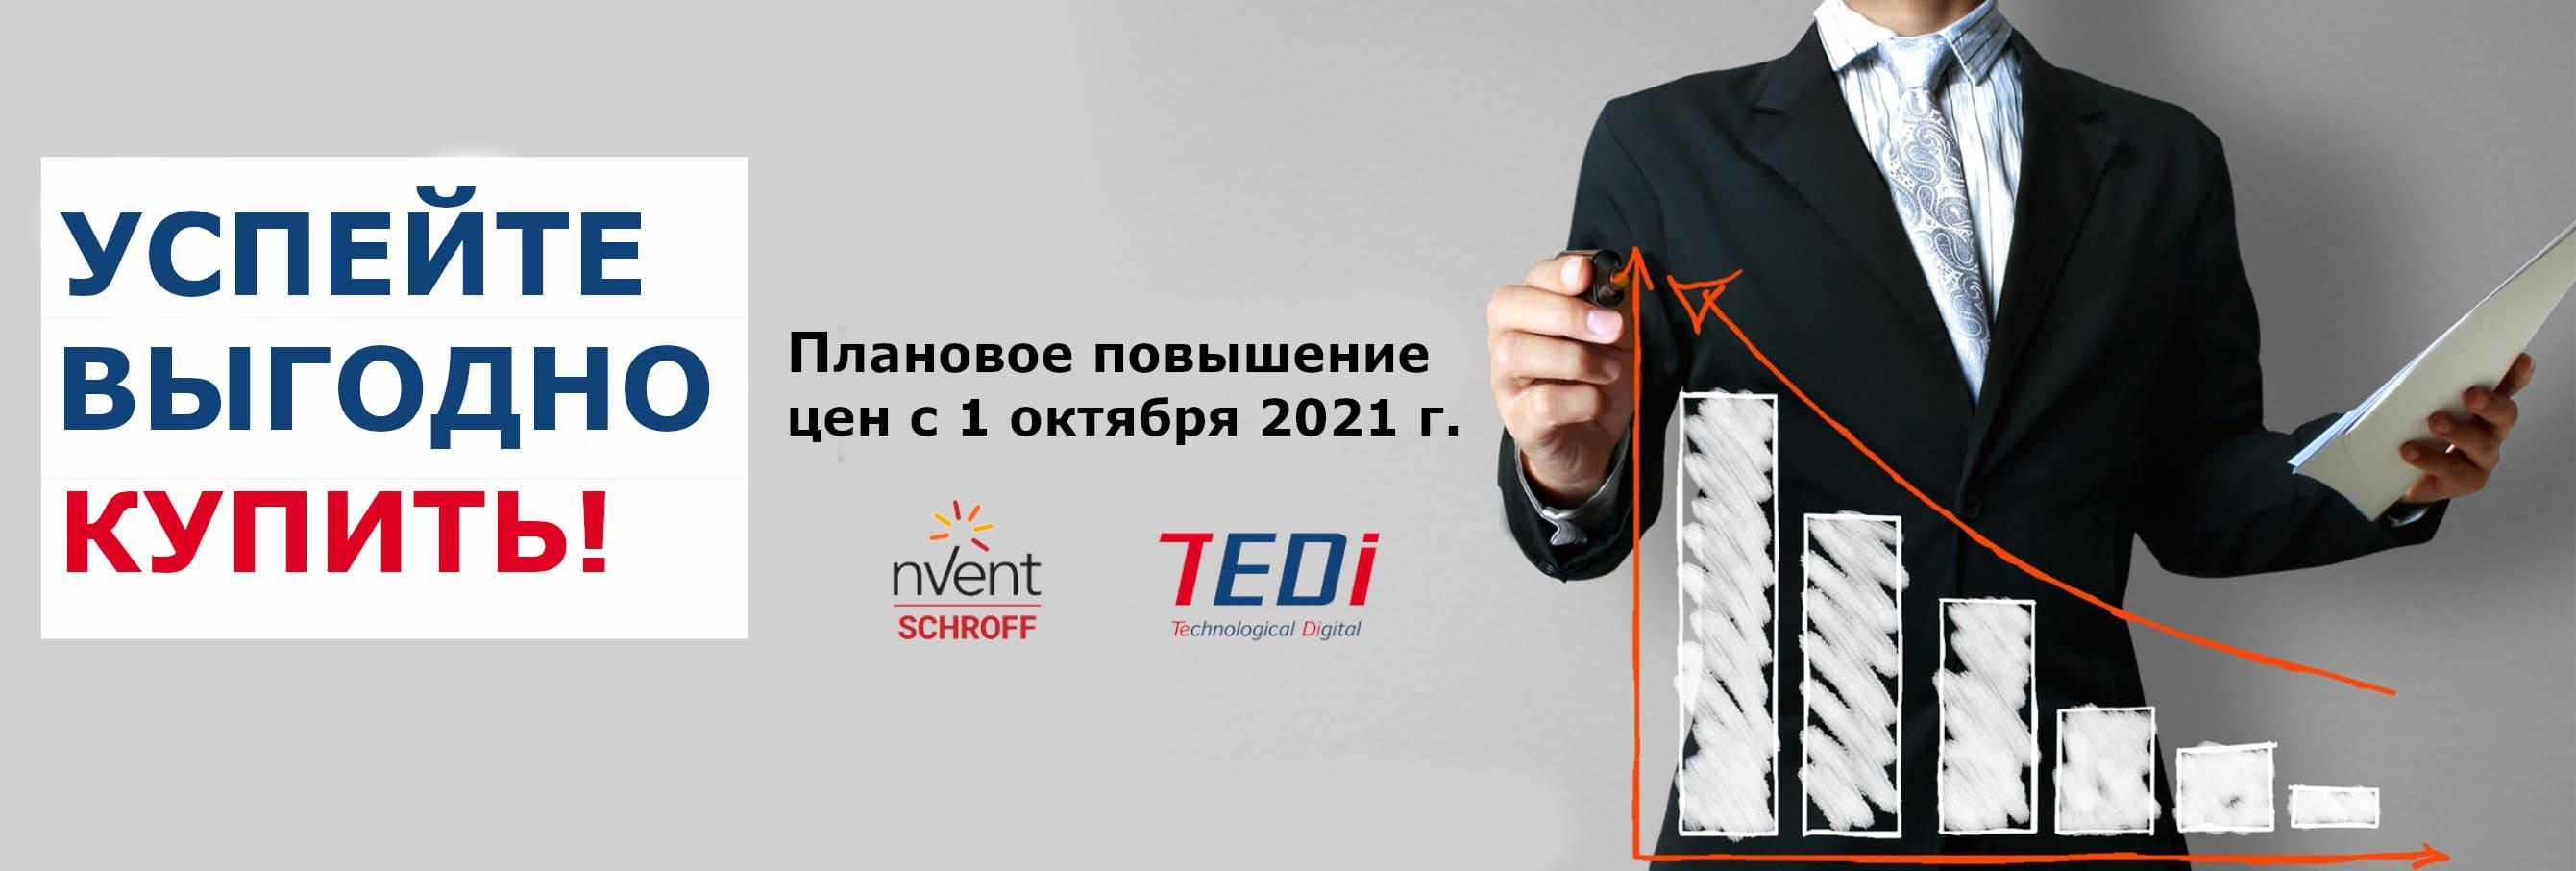 Повышение цен на продукцию nVent/Schroff c 01.10.2021г.